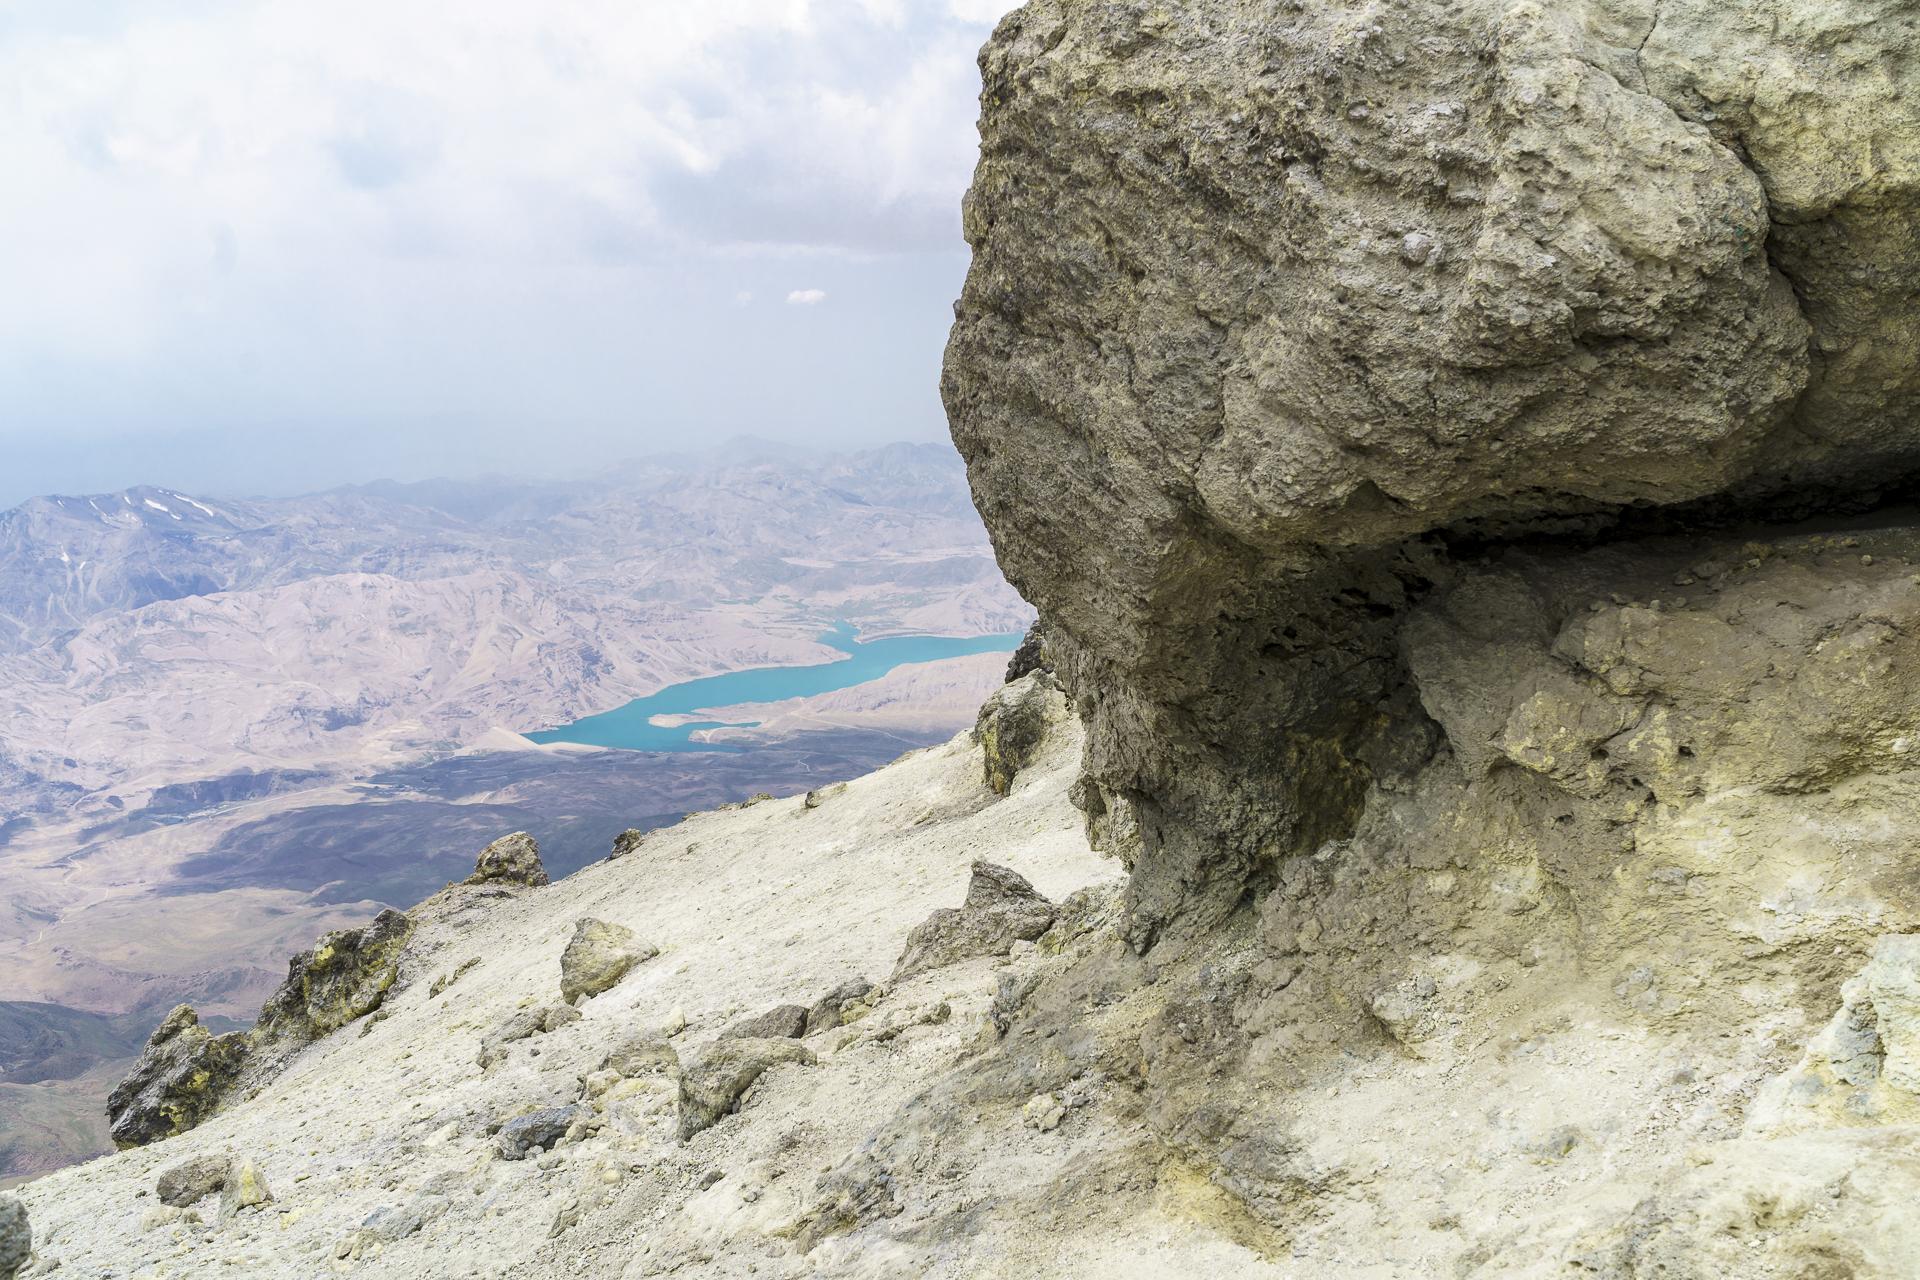 Lar Dam Aussicht Mount Damavand